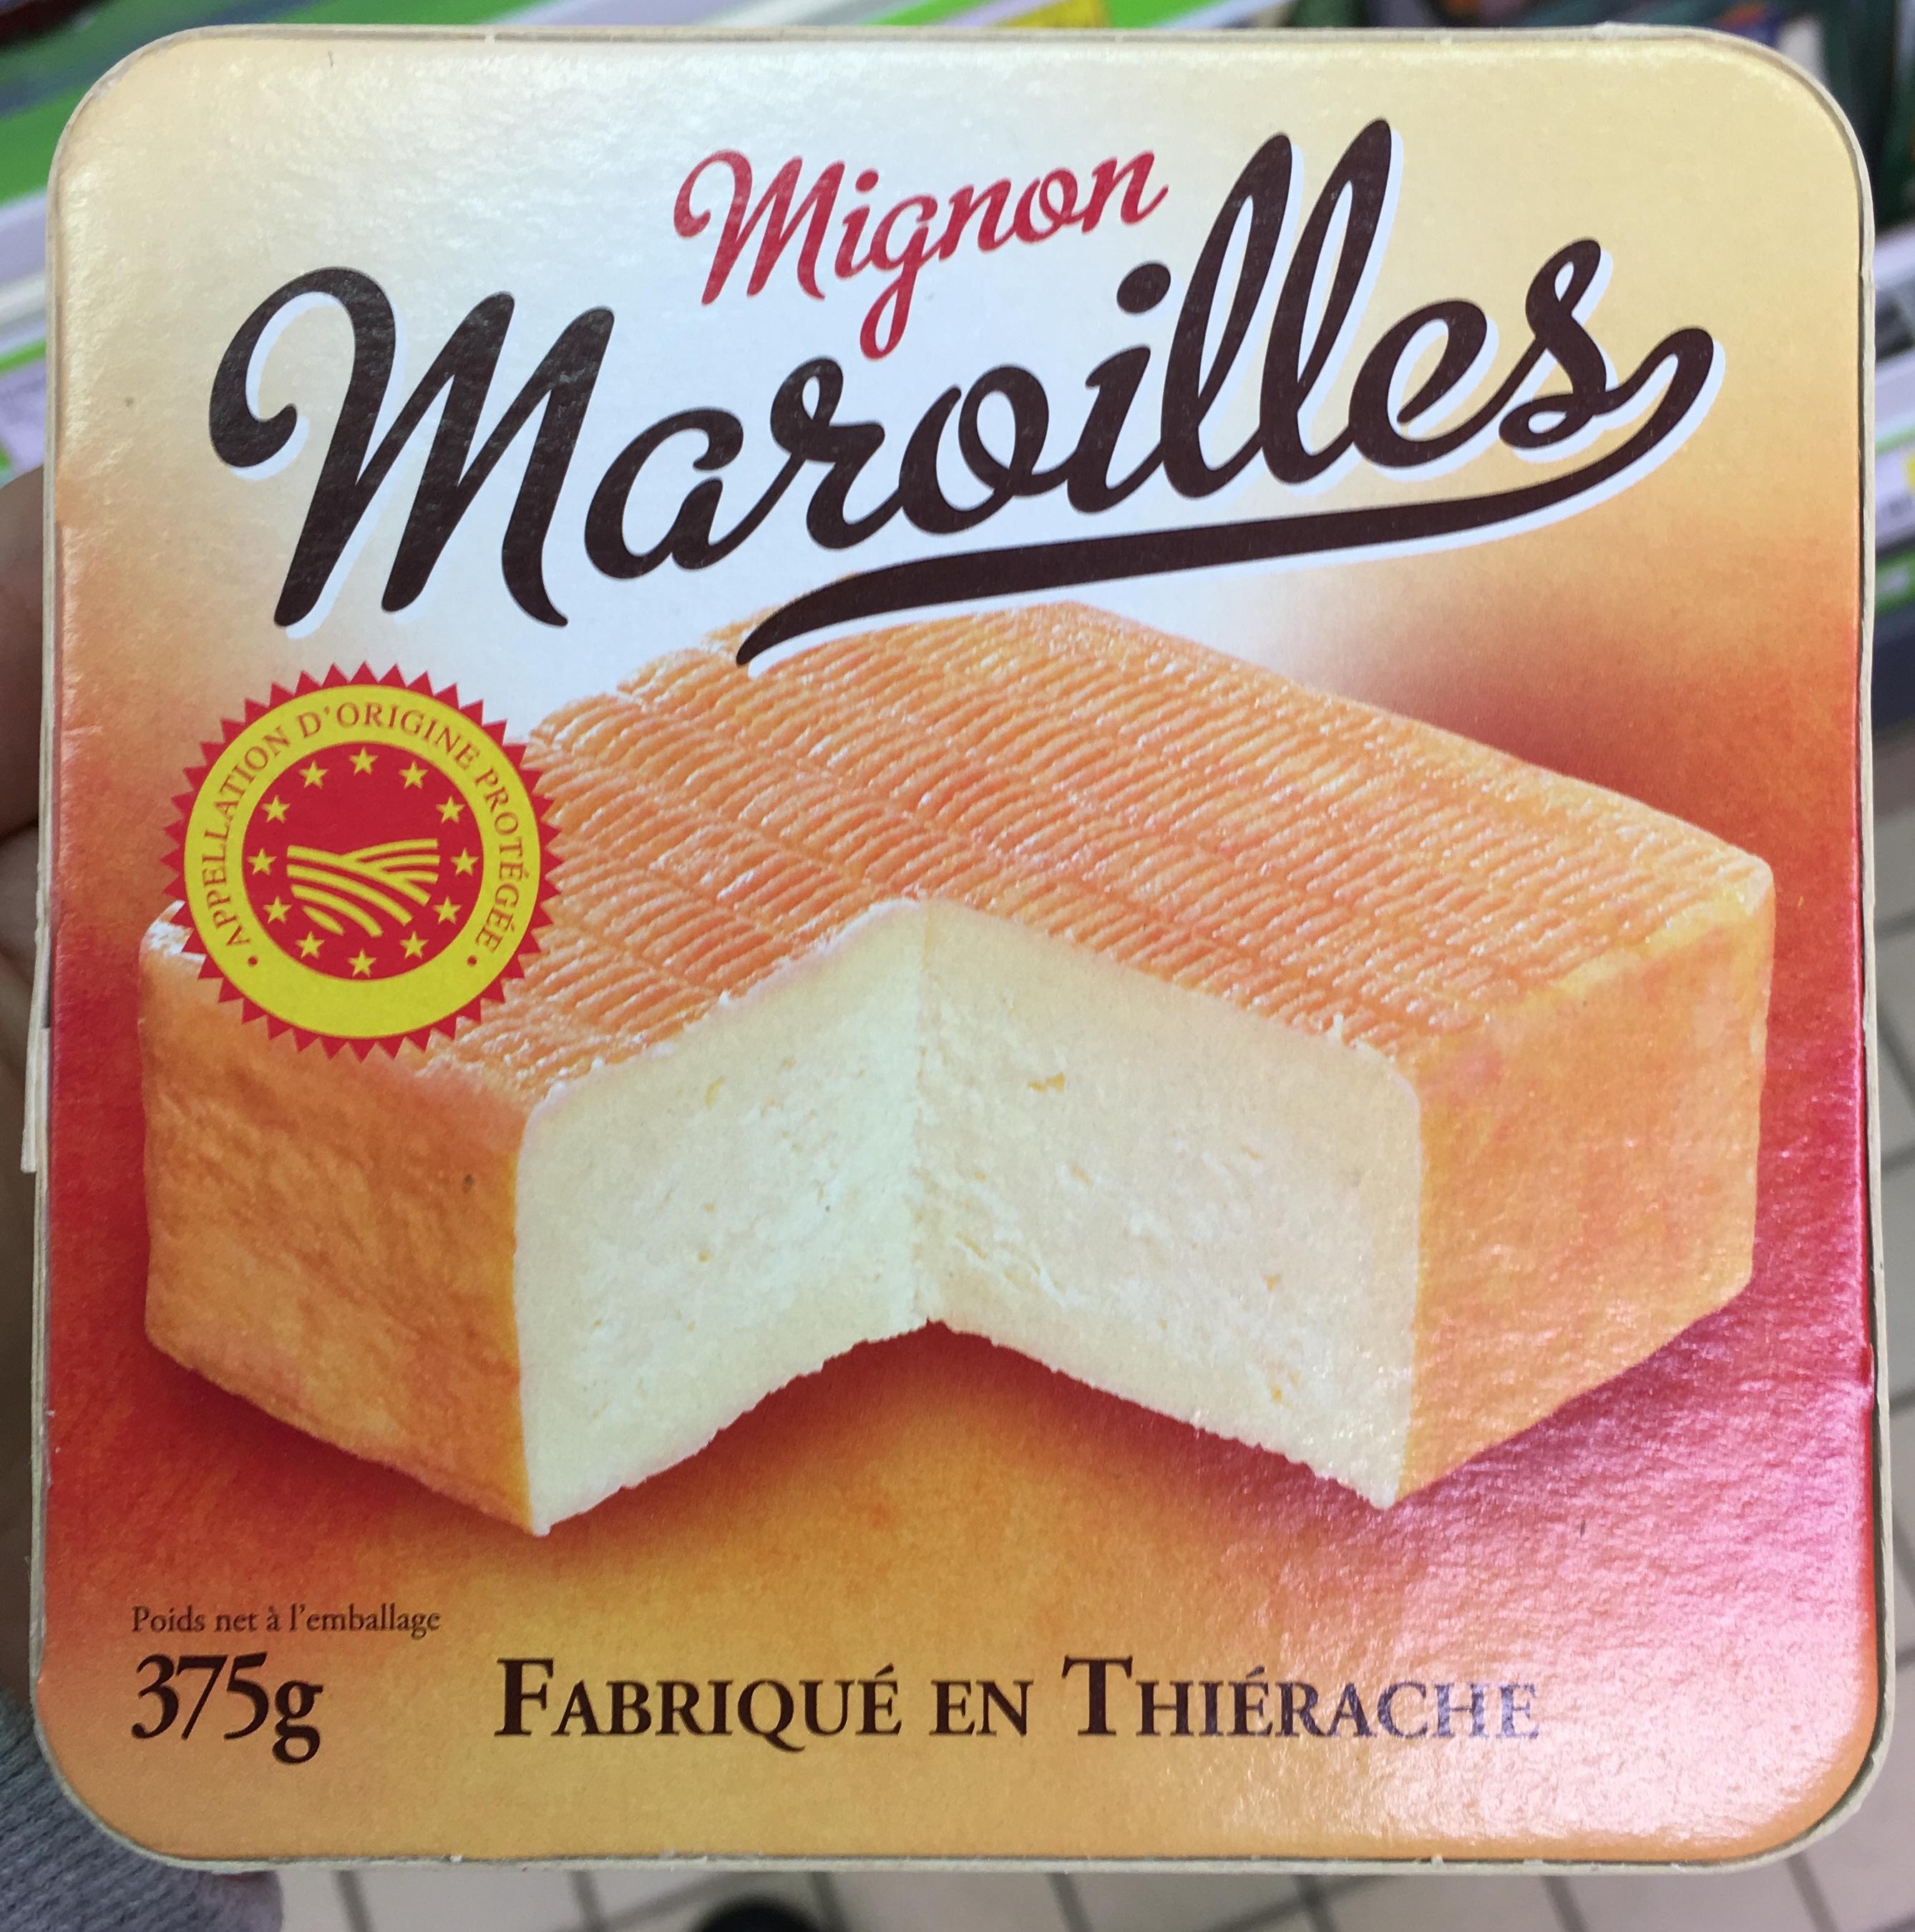 Maroilles (27% MG) - Produit - fr